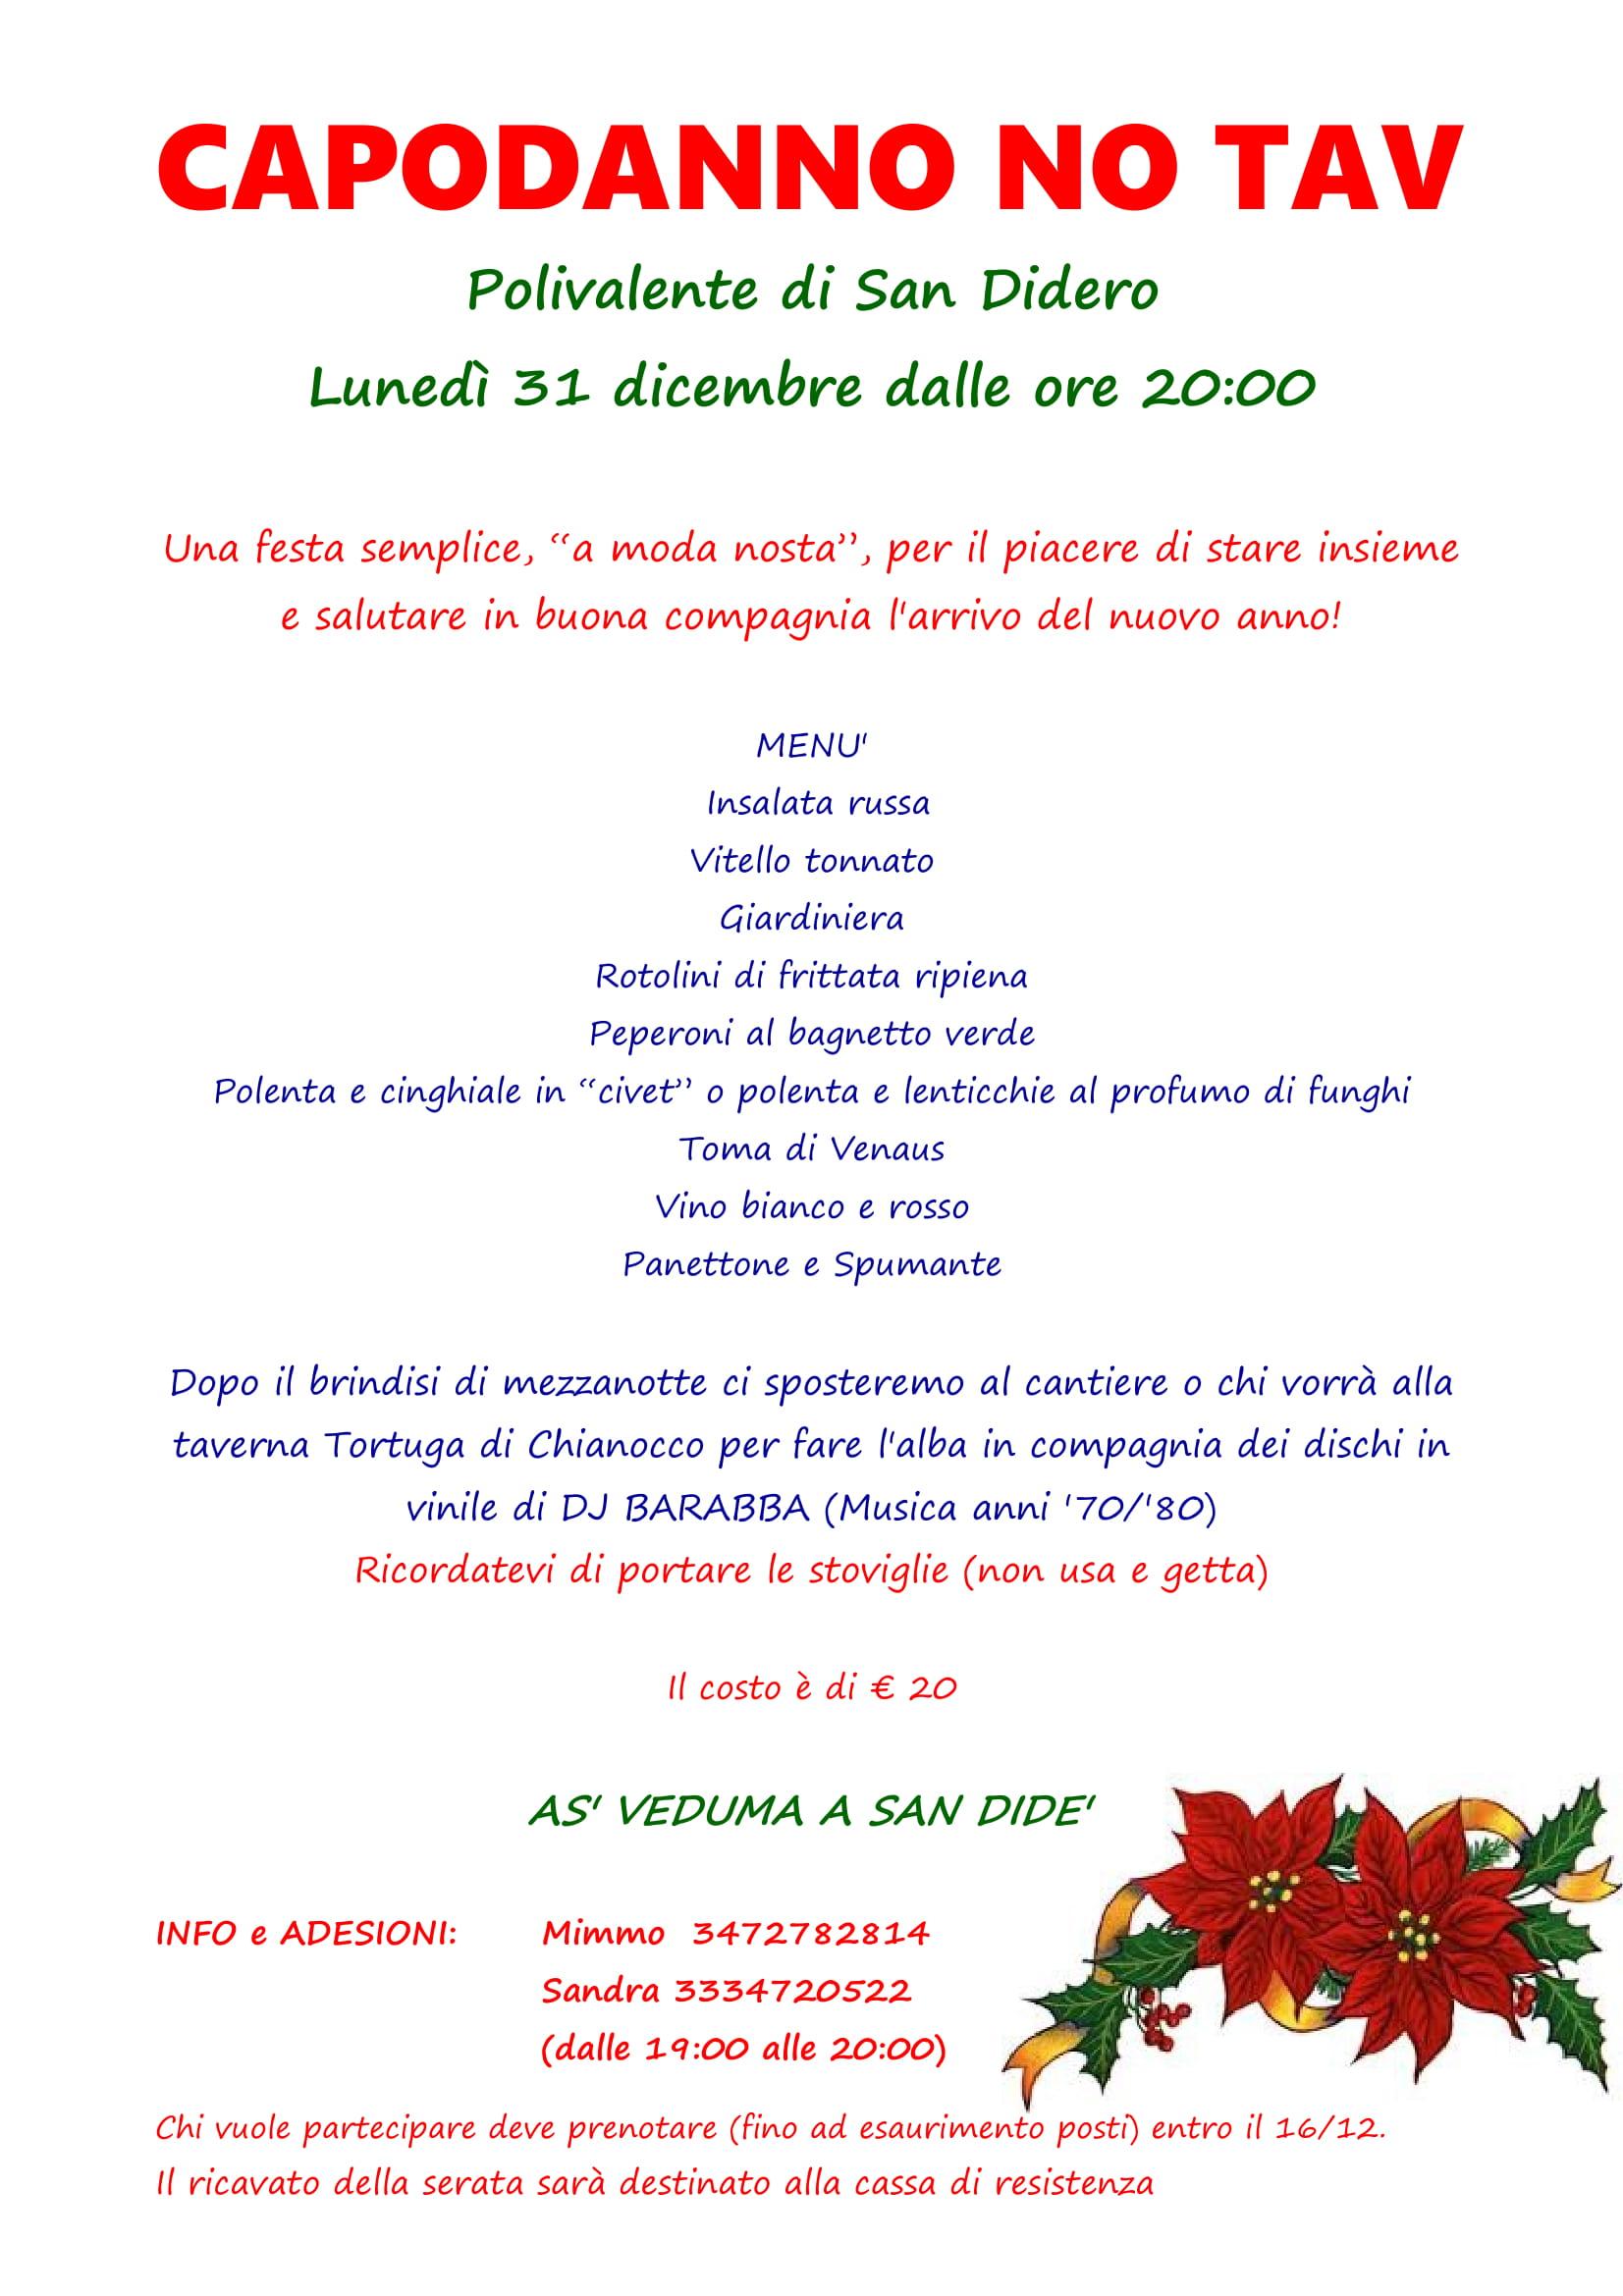 Capodanno No Tav a San Didero